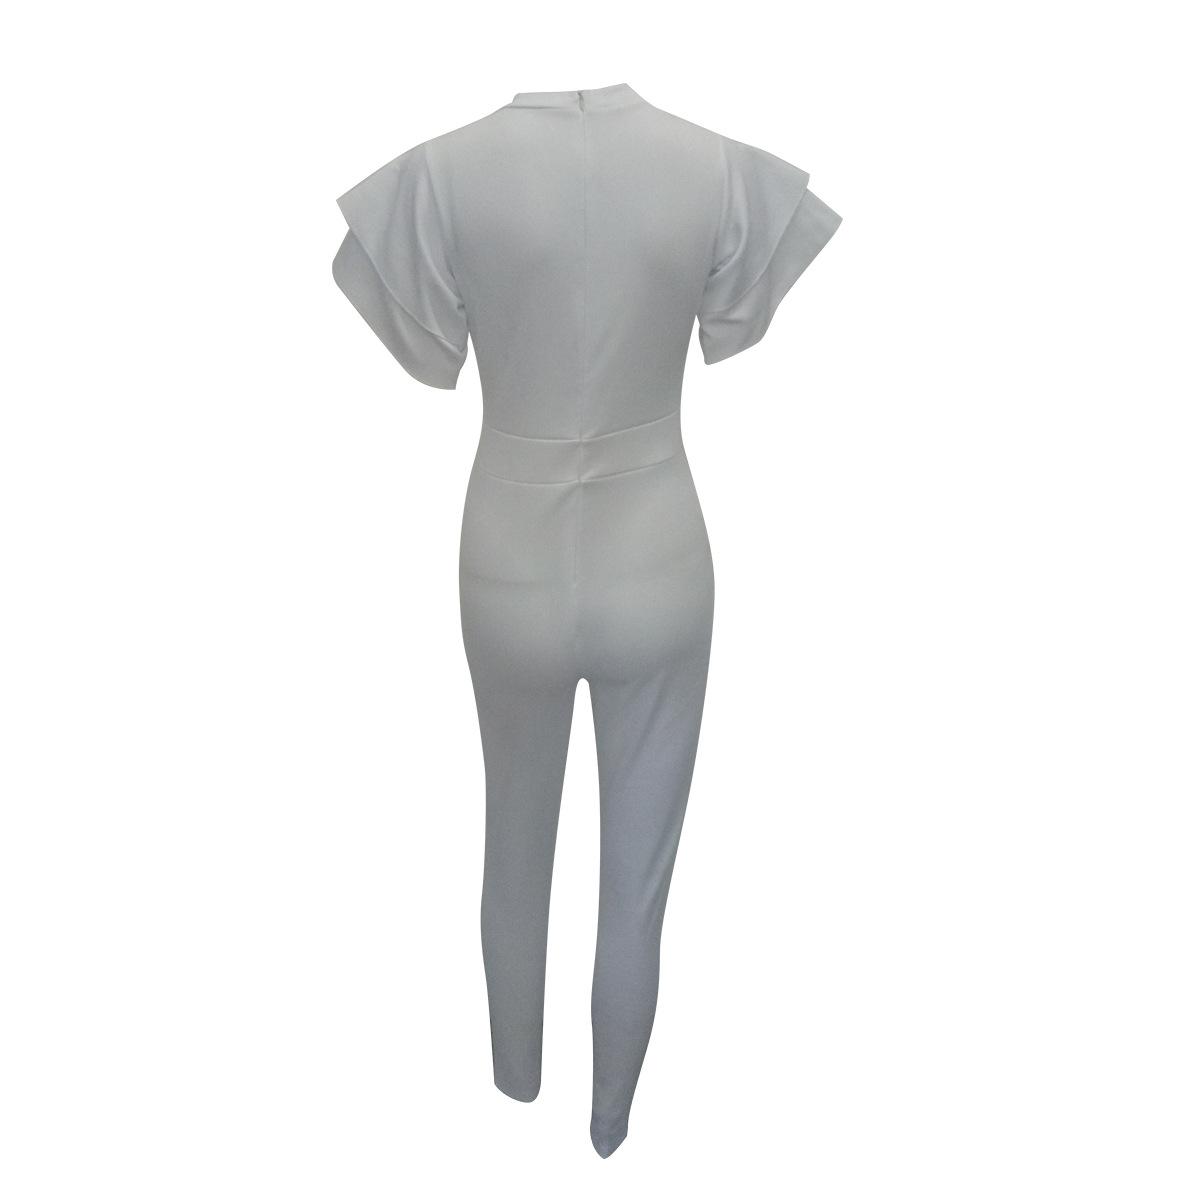 Elegante cuello redondo mangas cortas Falbala diseño blanco poliéster de una sola pieza Skinny mono (sin cinturón)